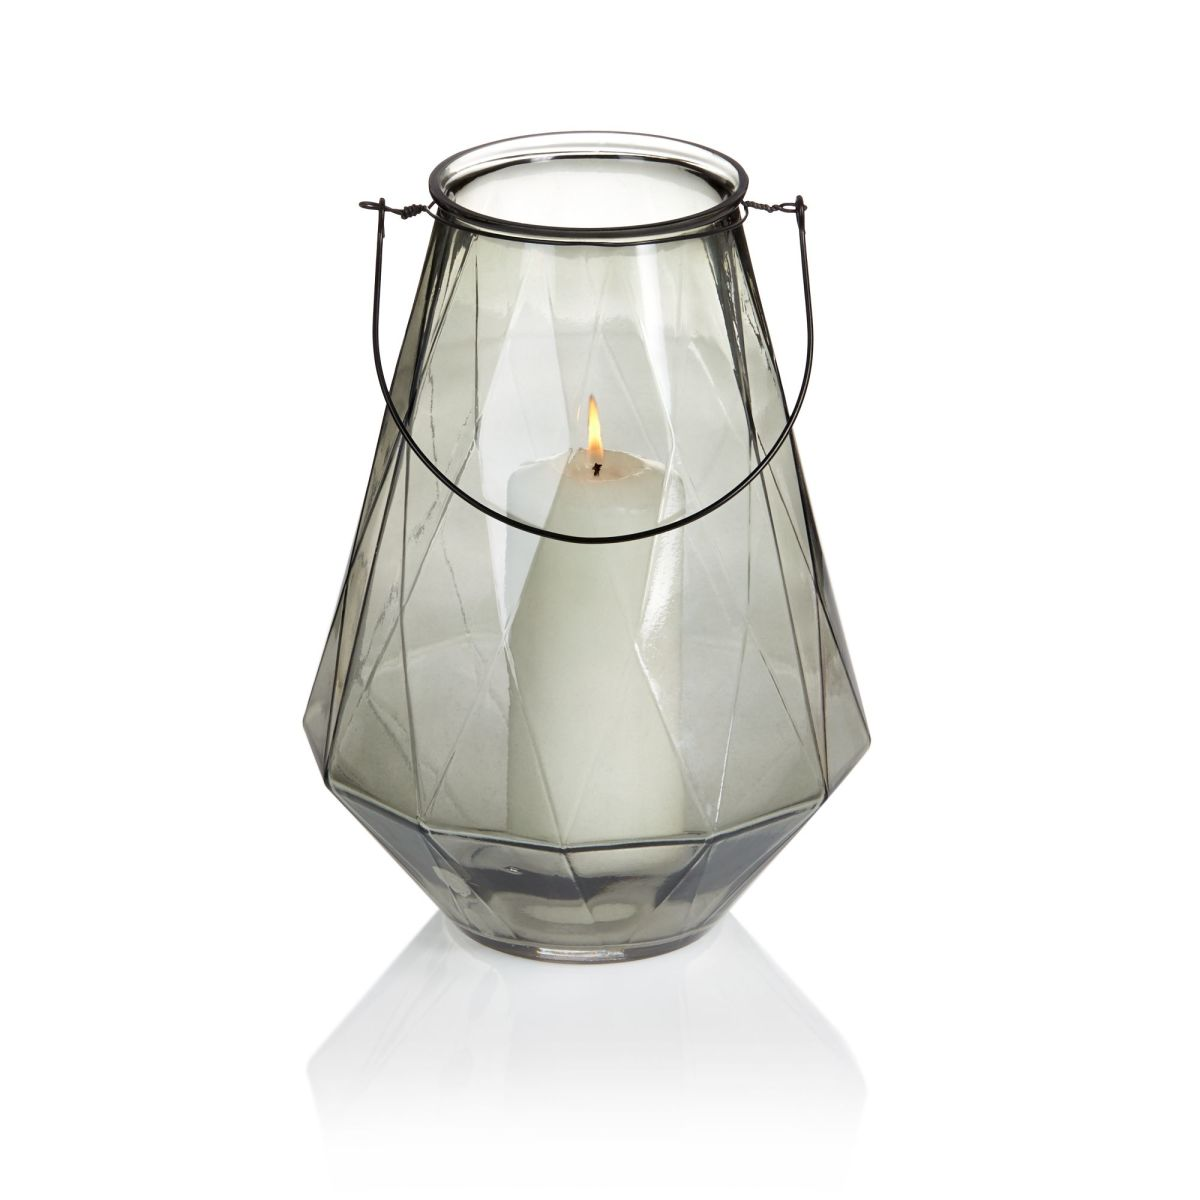 Windlicht, bauchig, gefärbtes Glas